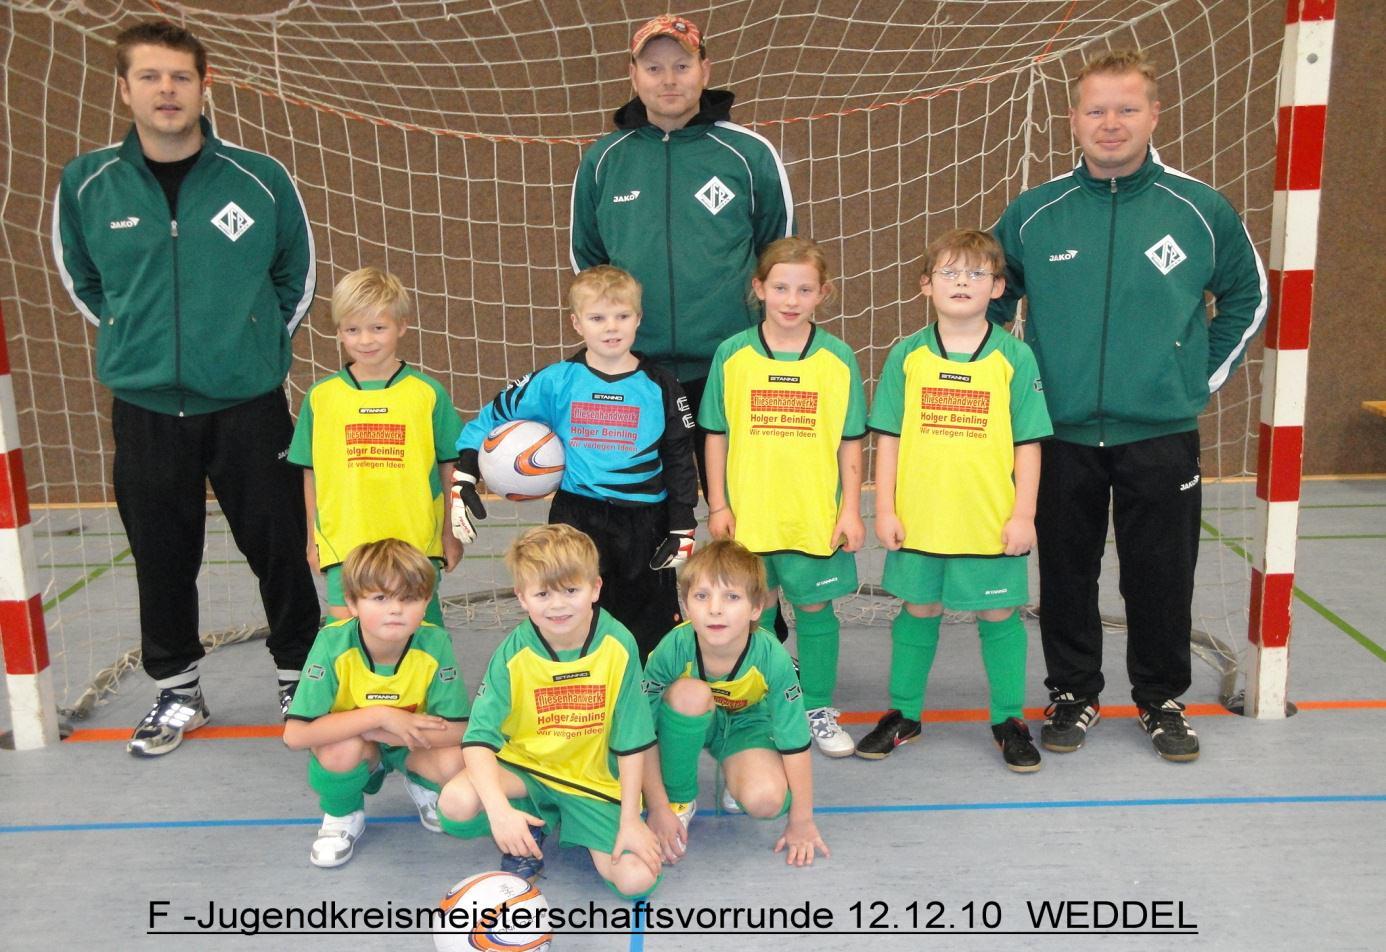 VfR Weddel - Fußball - - 2011 - F-Jugend_1